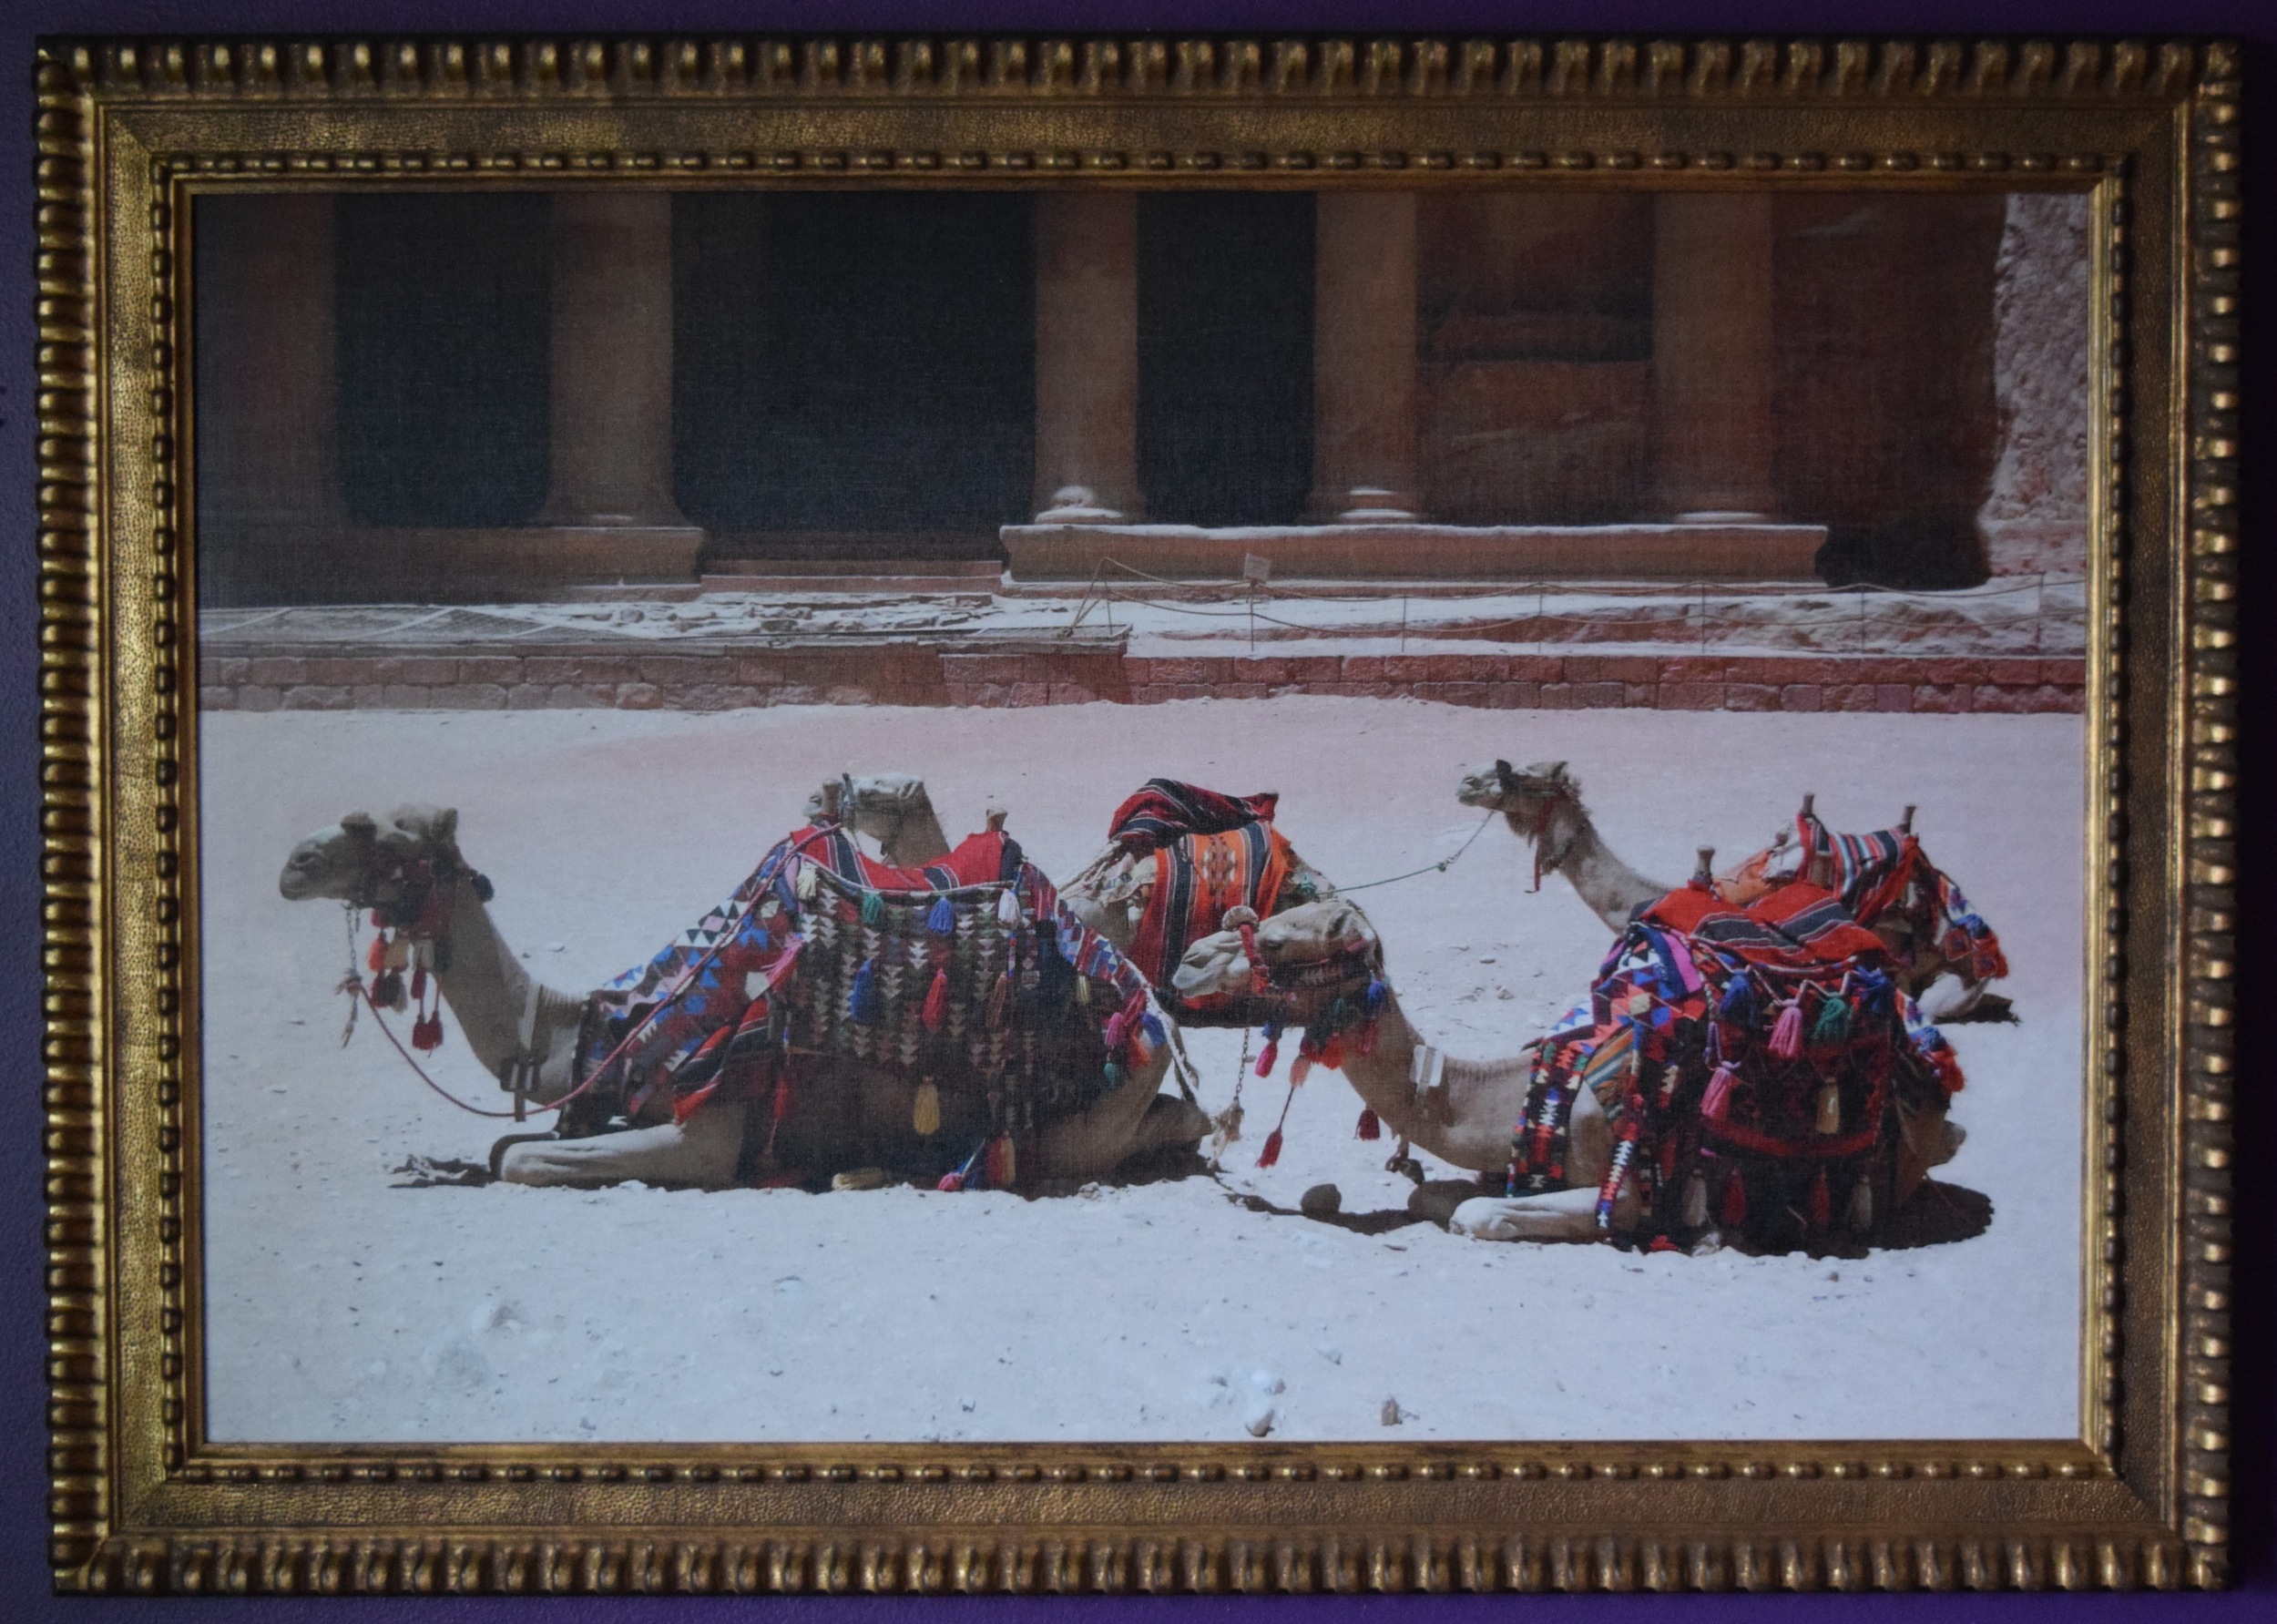 Camels-Petra, Jordan